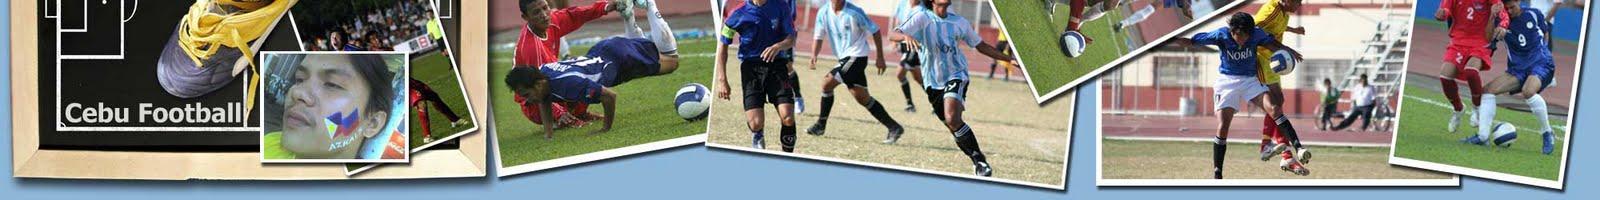 Cebu Football